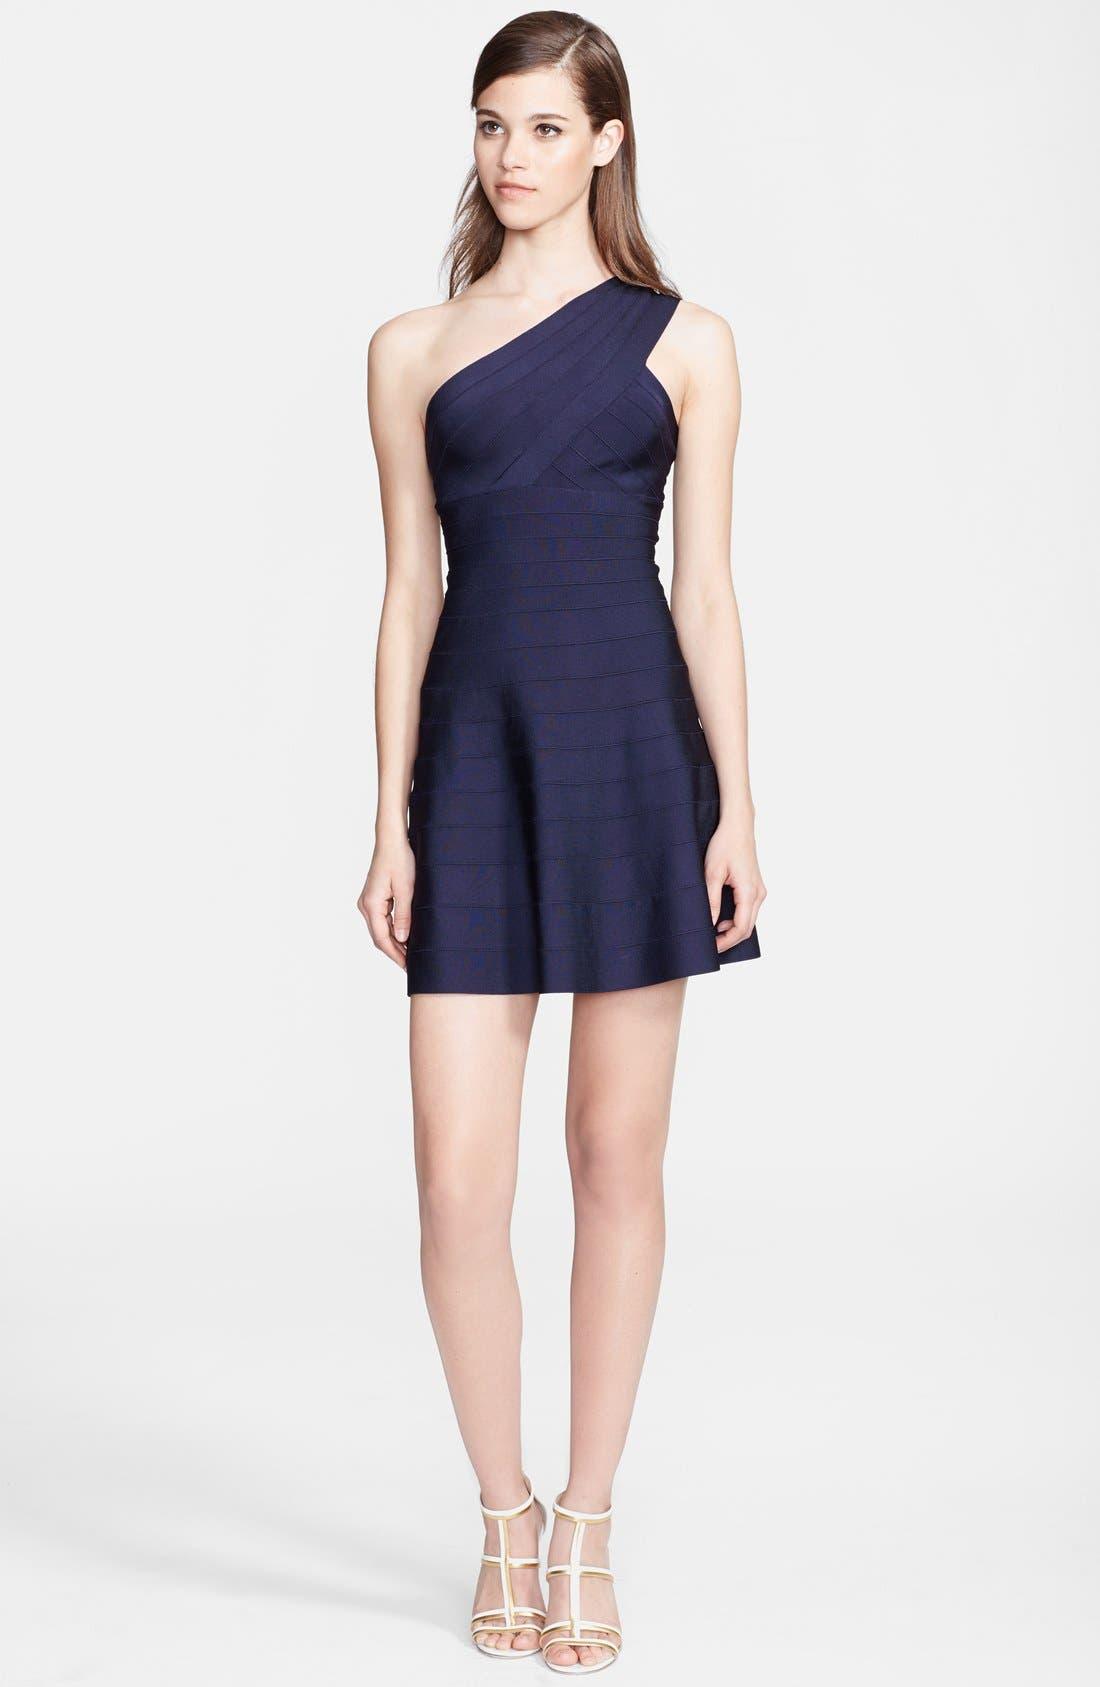 Alternate Image 1 Selected - Herve Leger One-Shoulder A-Line Dress